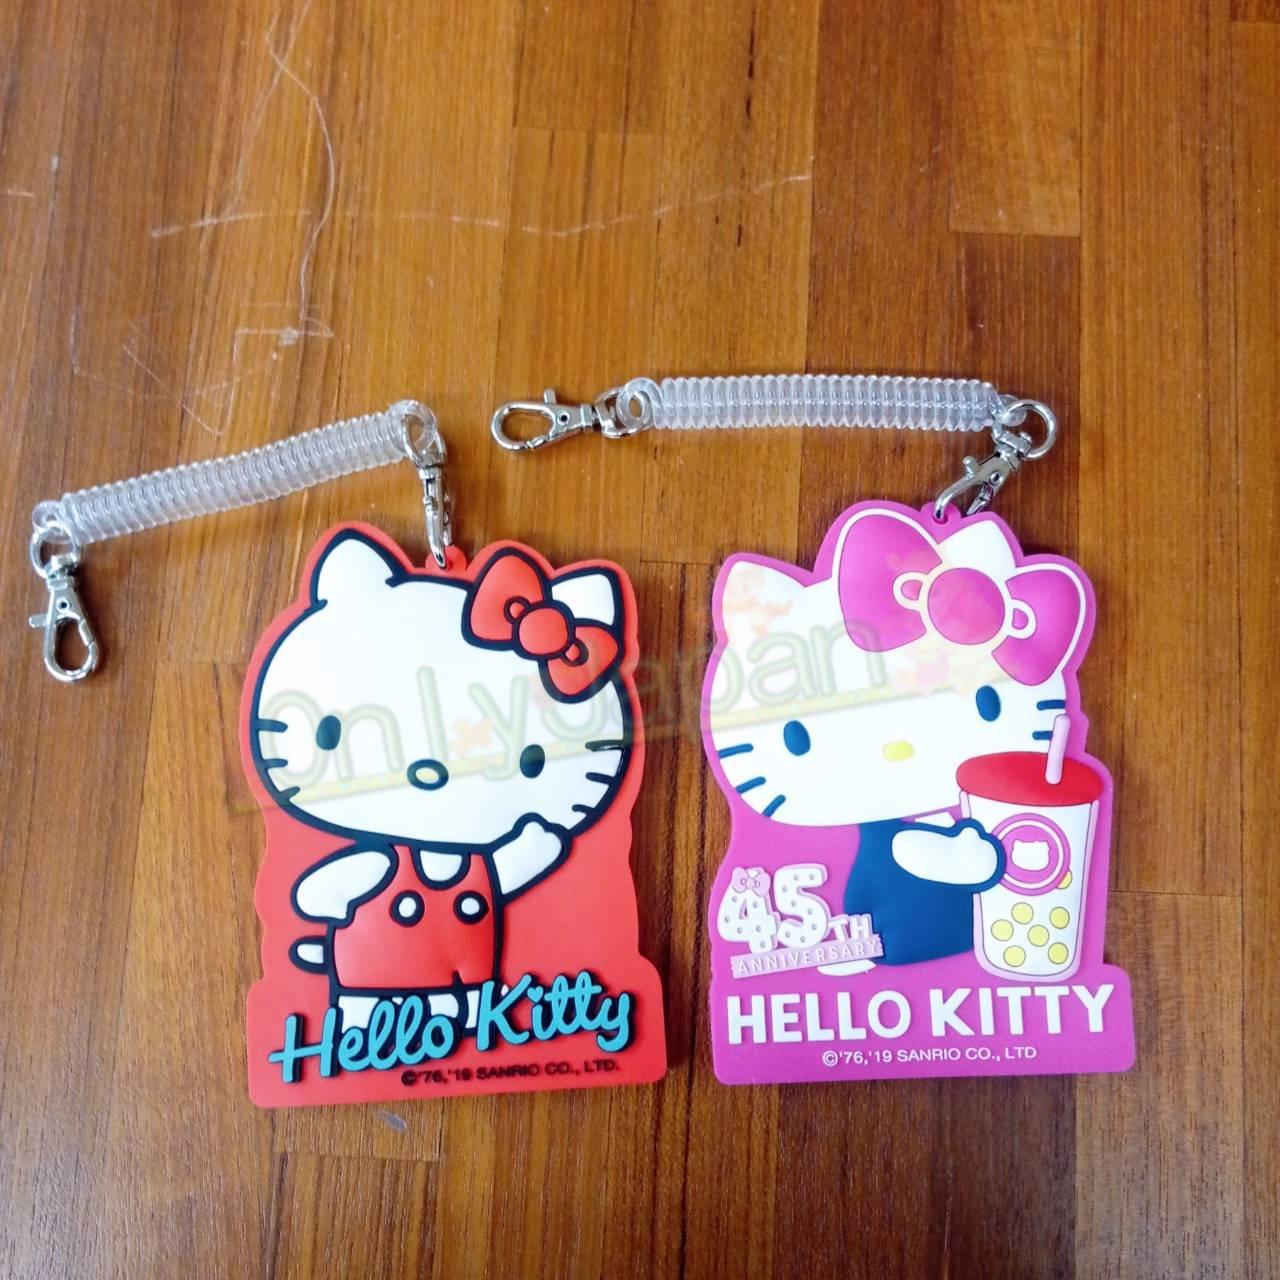 【真愛 】19031400008 伸縮矽膠證件套-KT 45TH 凱蒂貓kitty 45周念限 悠遊卡套 辦公用品 證件套 卡片套 卡片收納